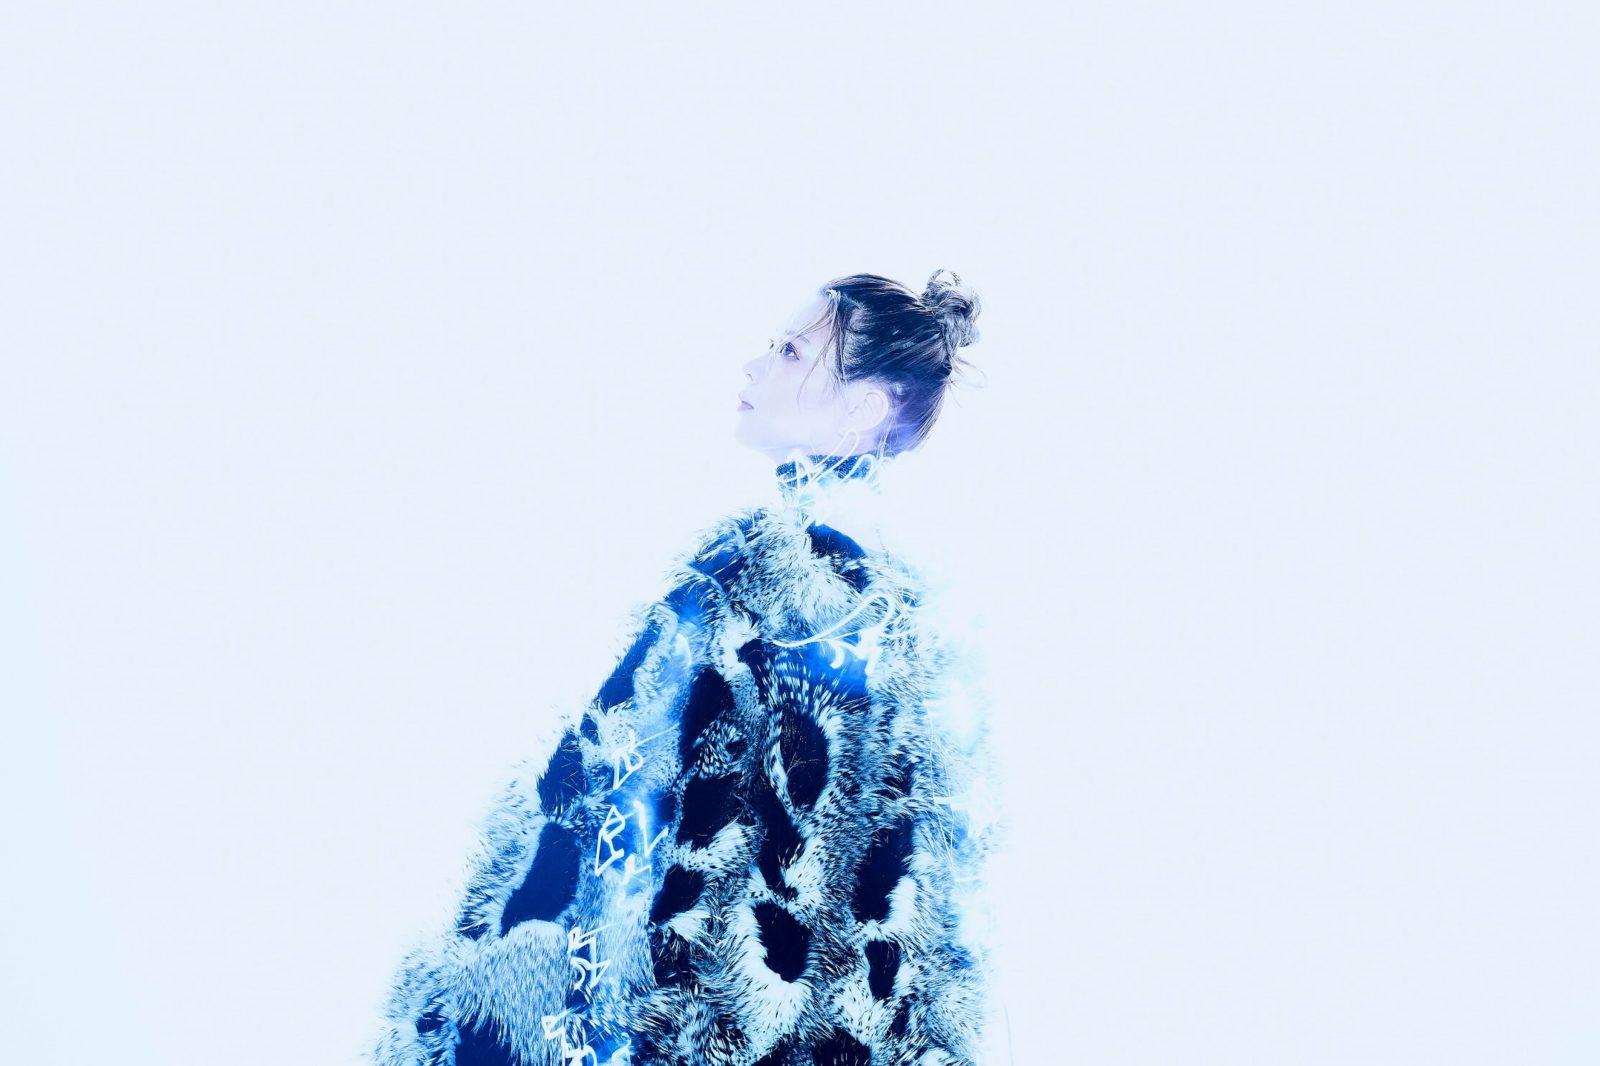 ロザリーナ、1stアルバムリリース記念で豪華プレゼント企画実施&購入者イベントもサムネイル画像!